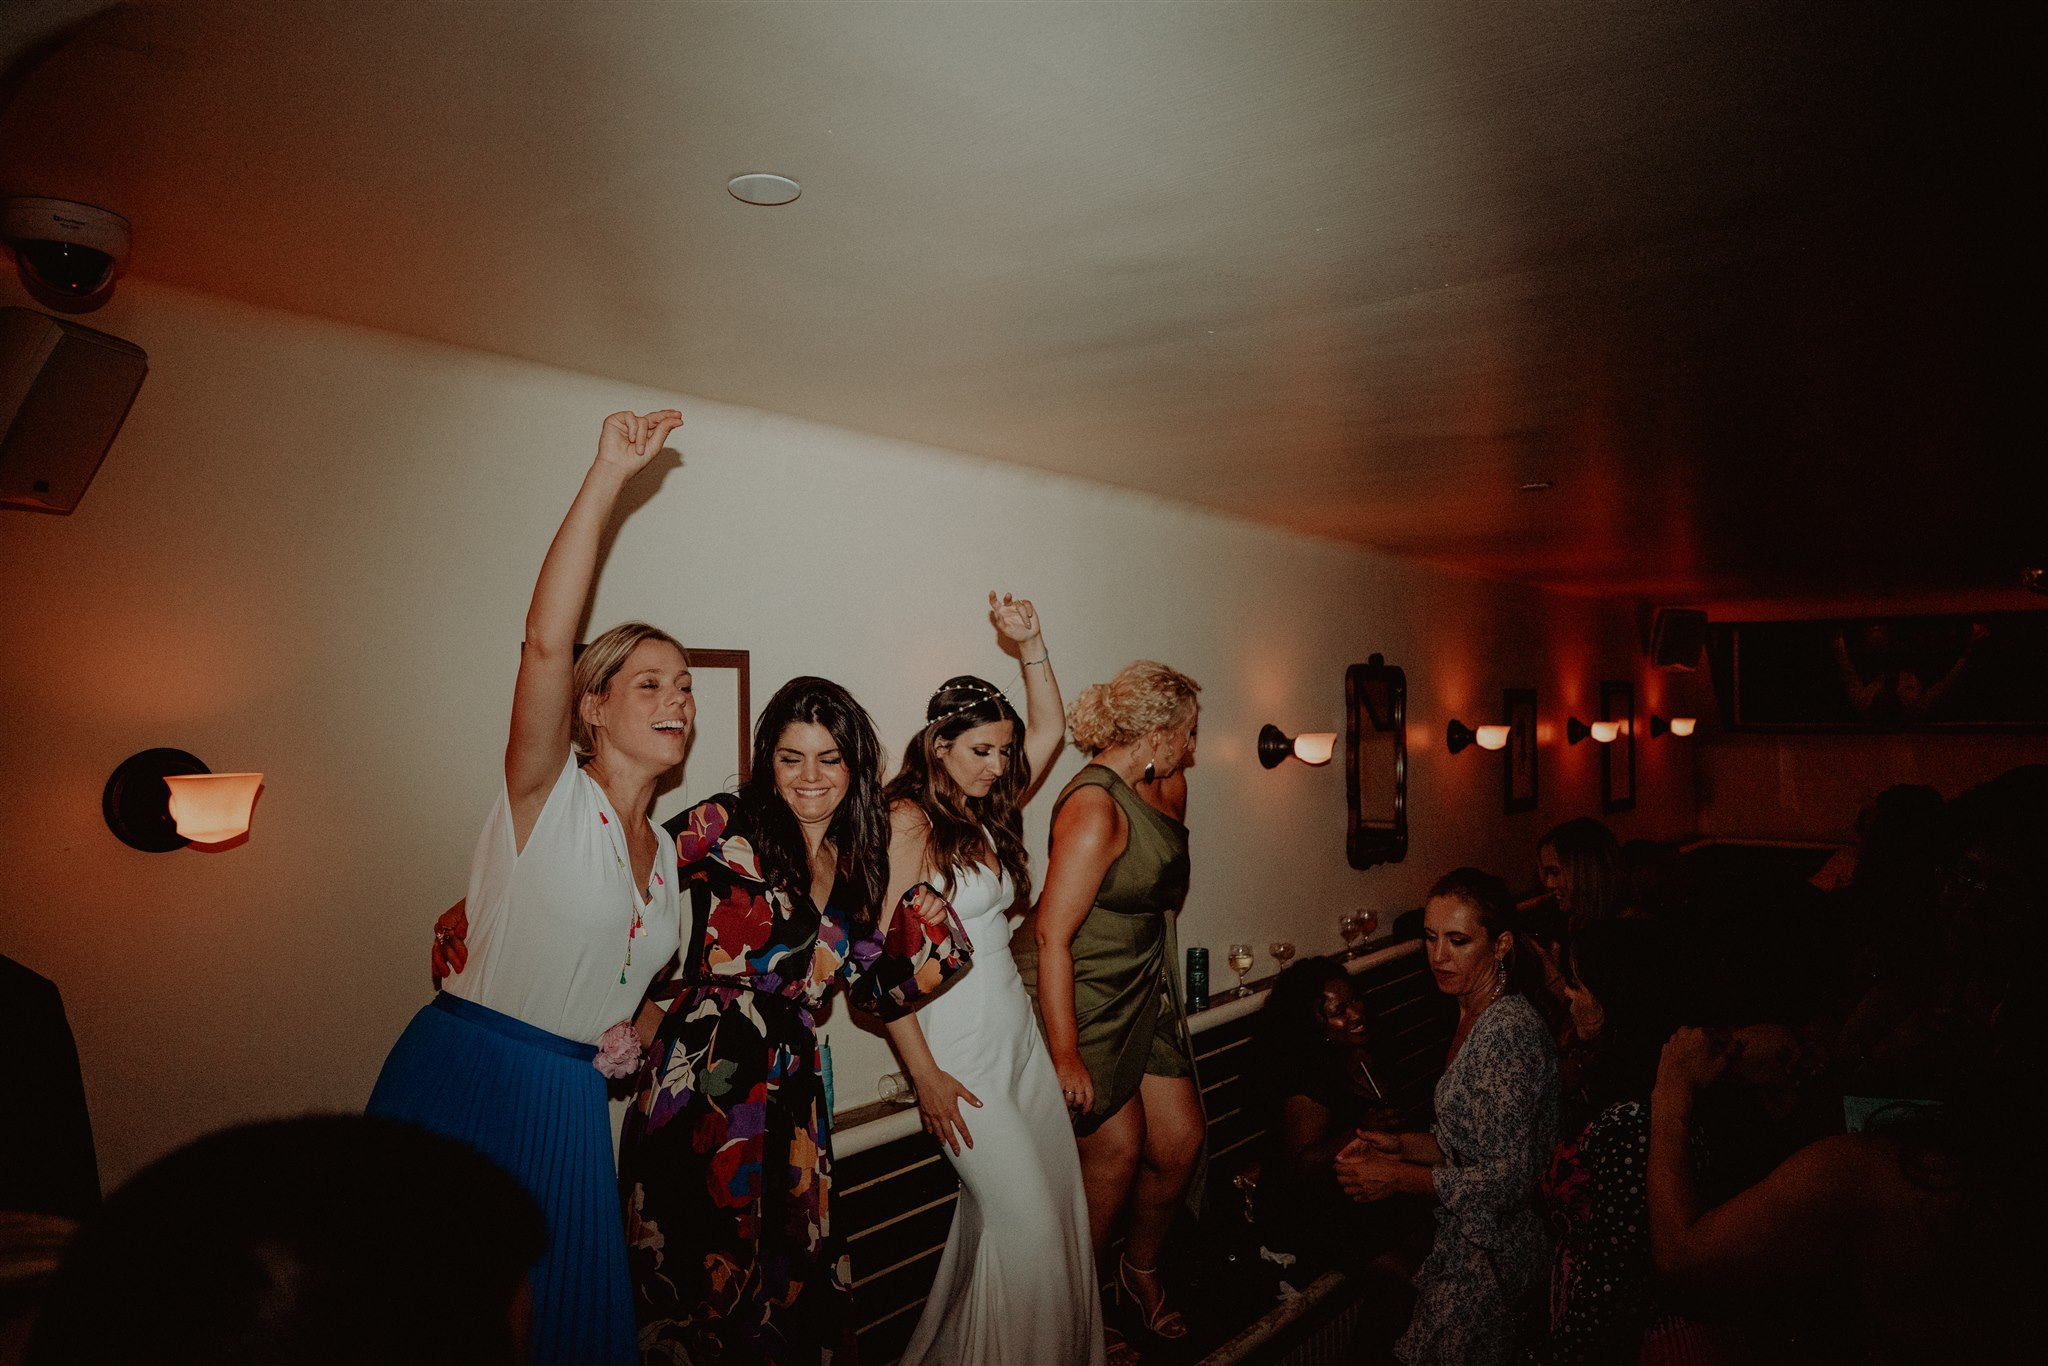 Chellise_Michael_Photography_Ramona_Brooklyn_Wedding_Photographer-729.jpg